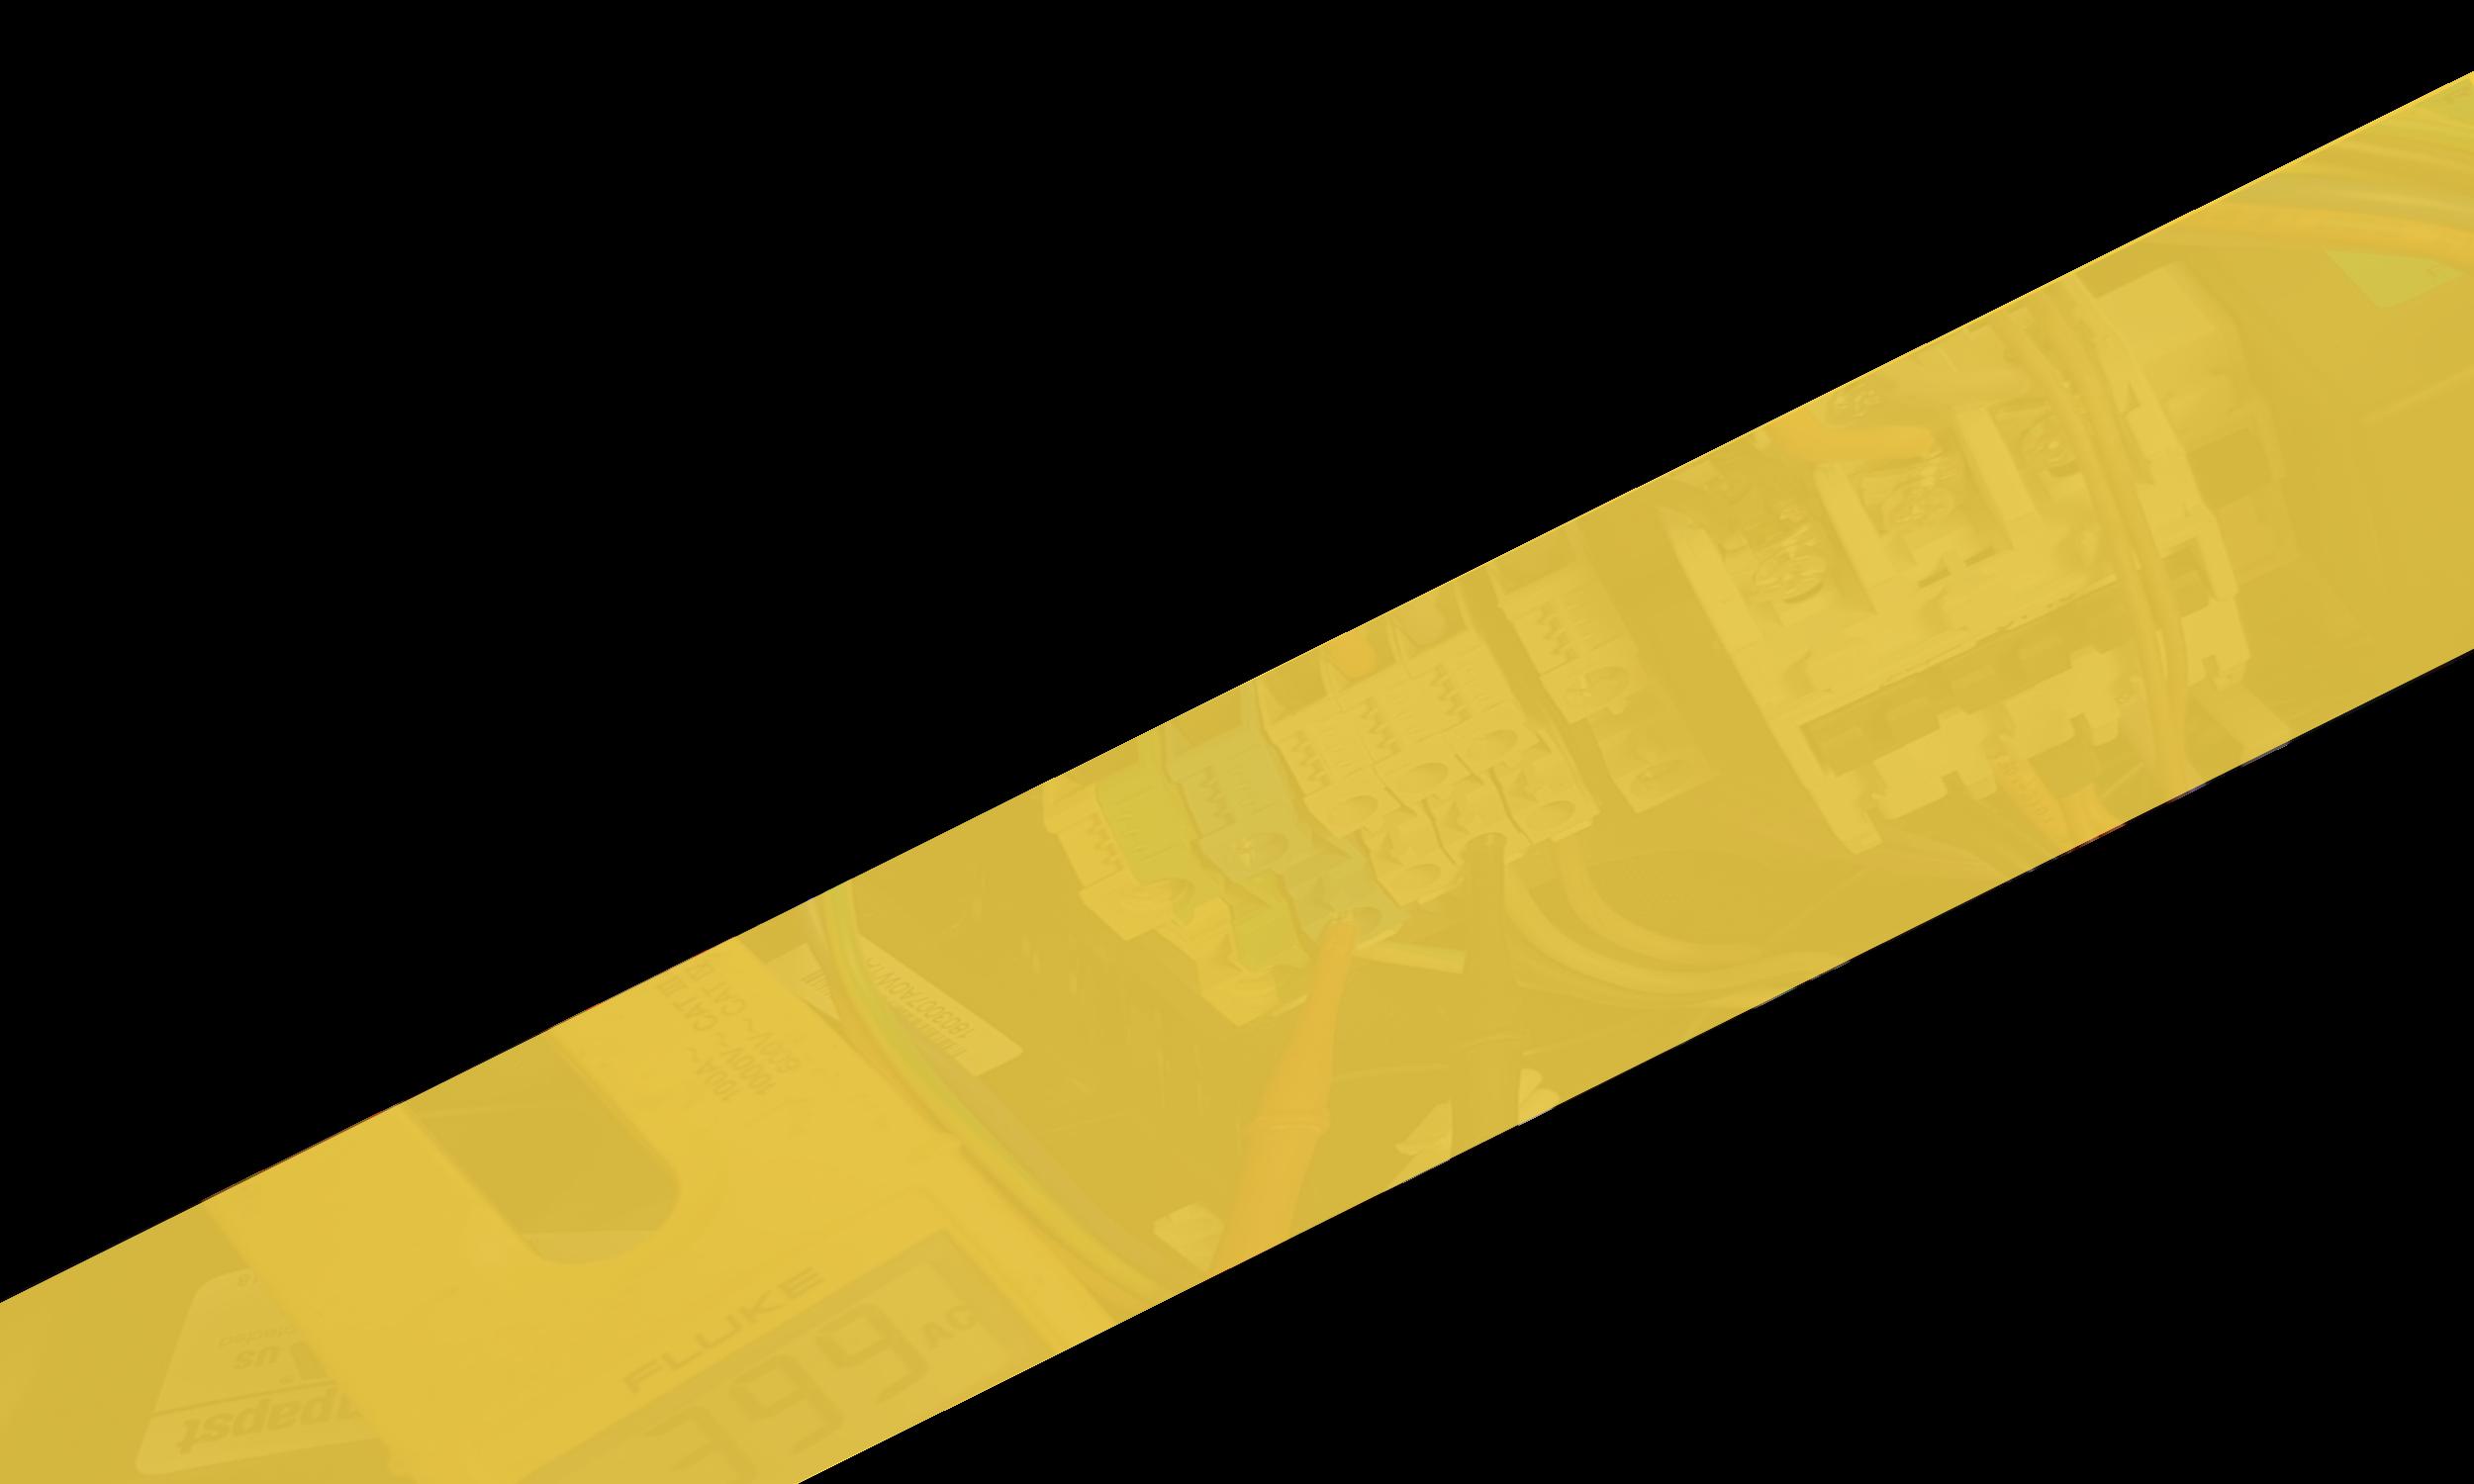 elektra-diagonaal-geel